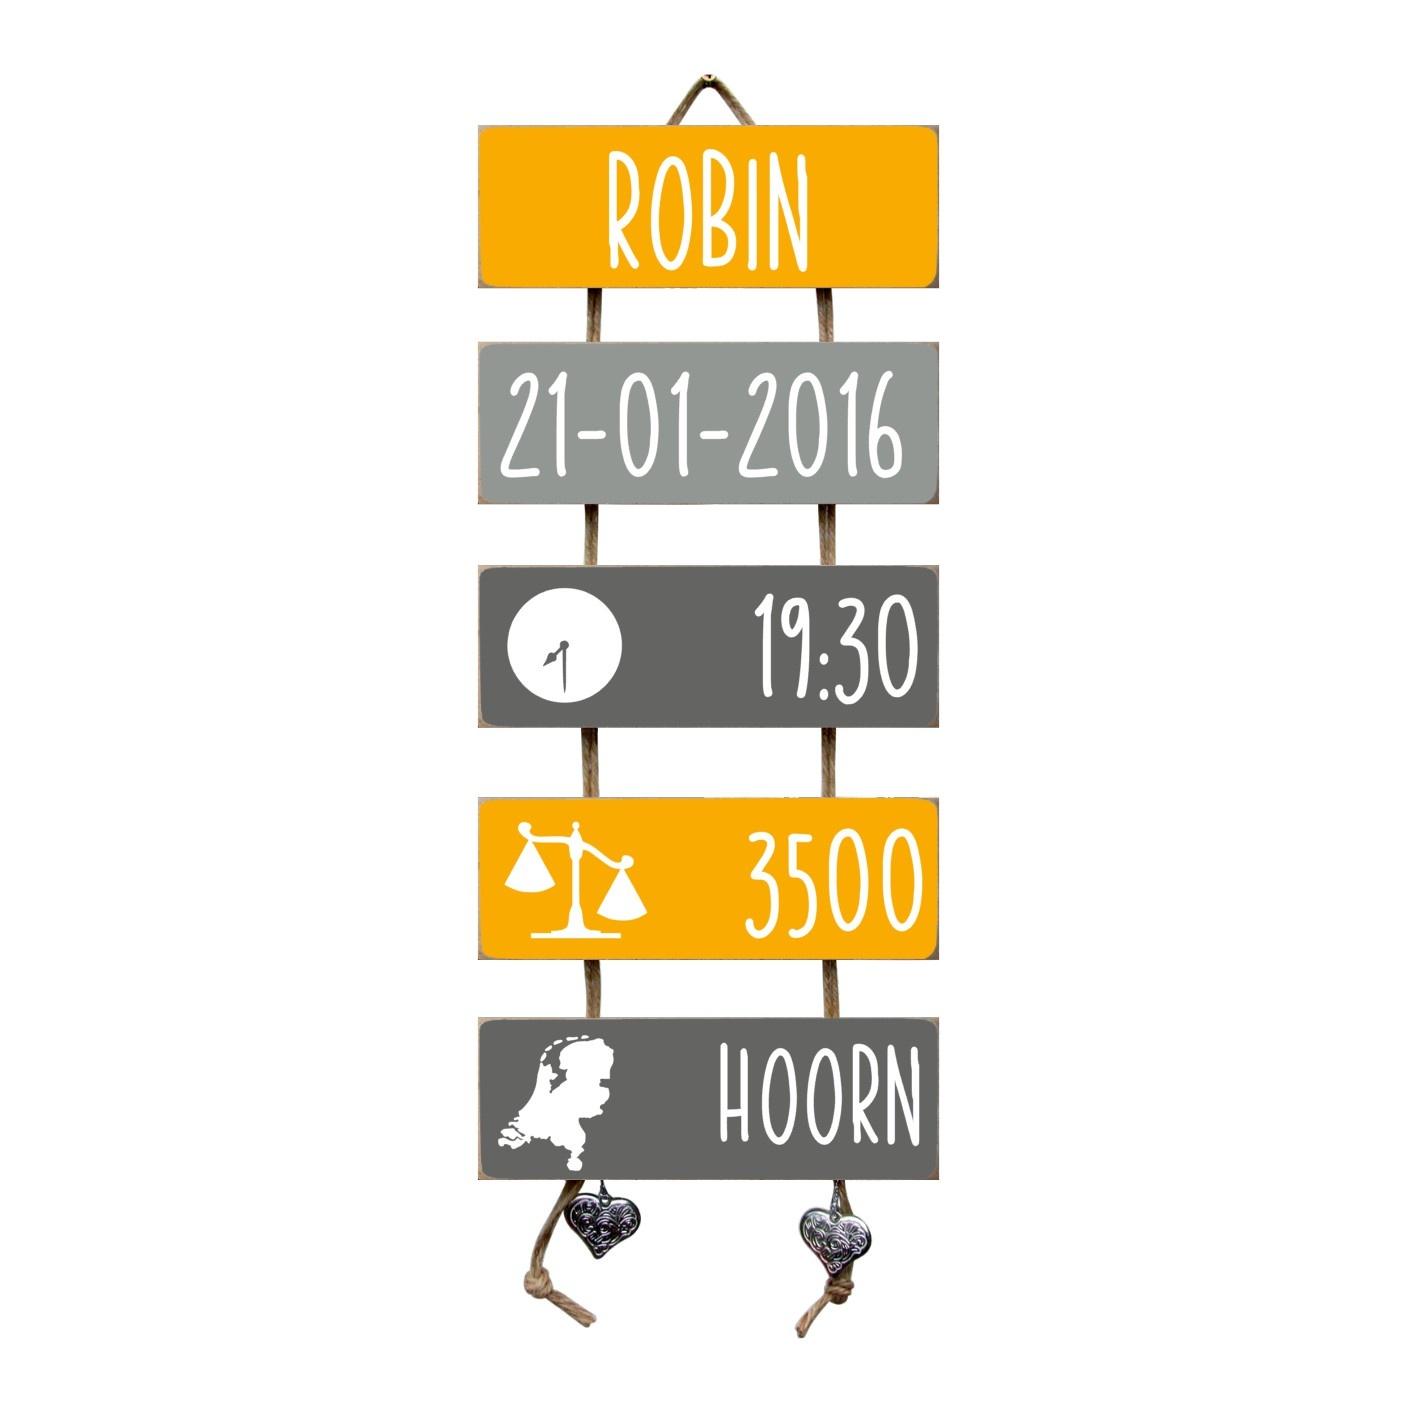 Kraamcadeau Geboorteladder Robin okergeel/grijs